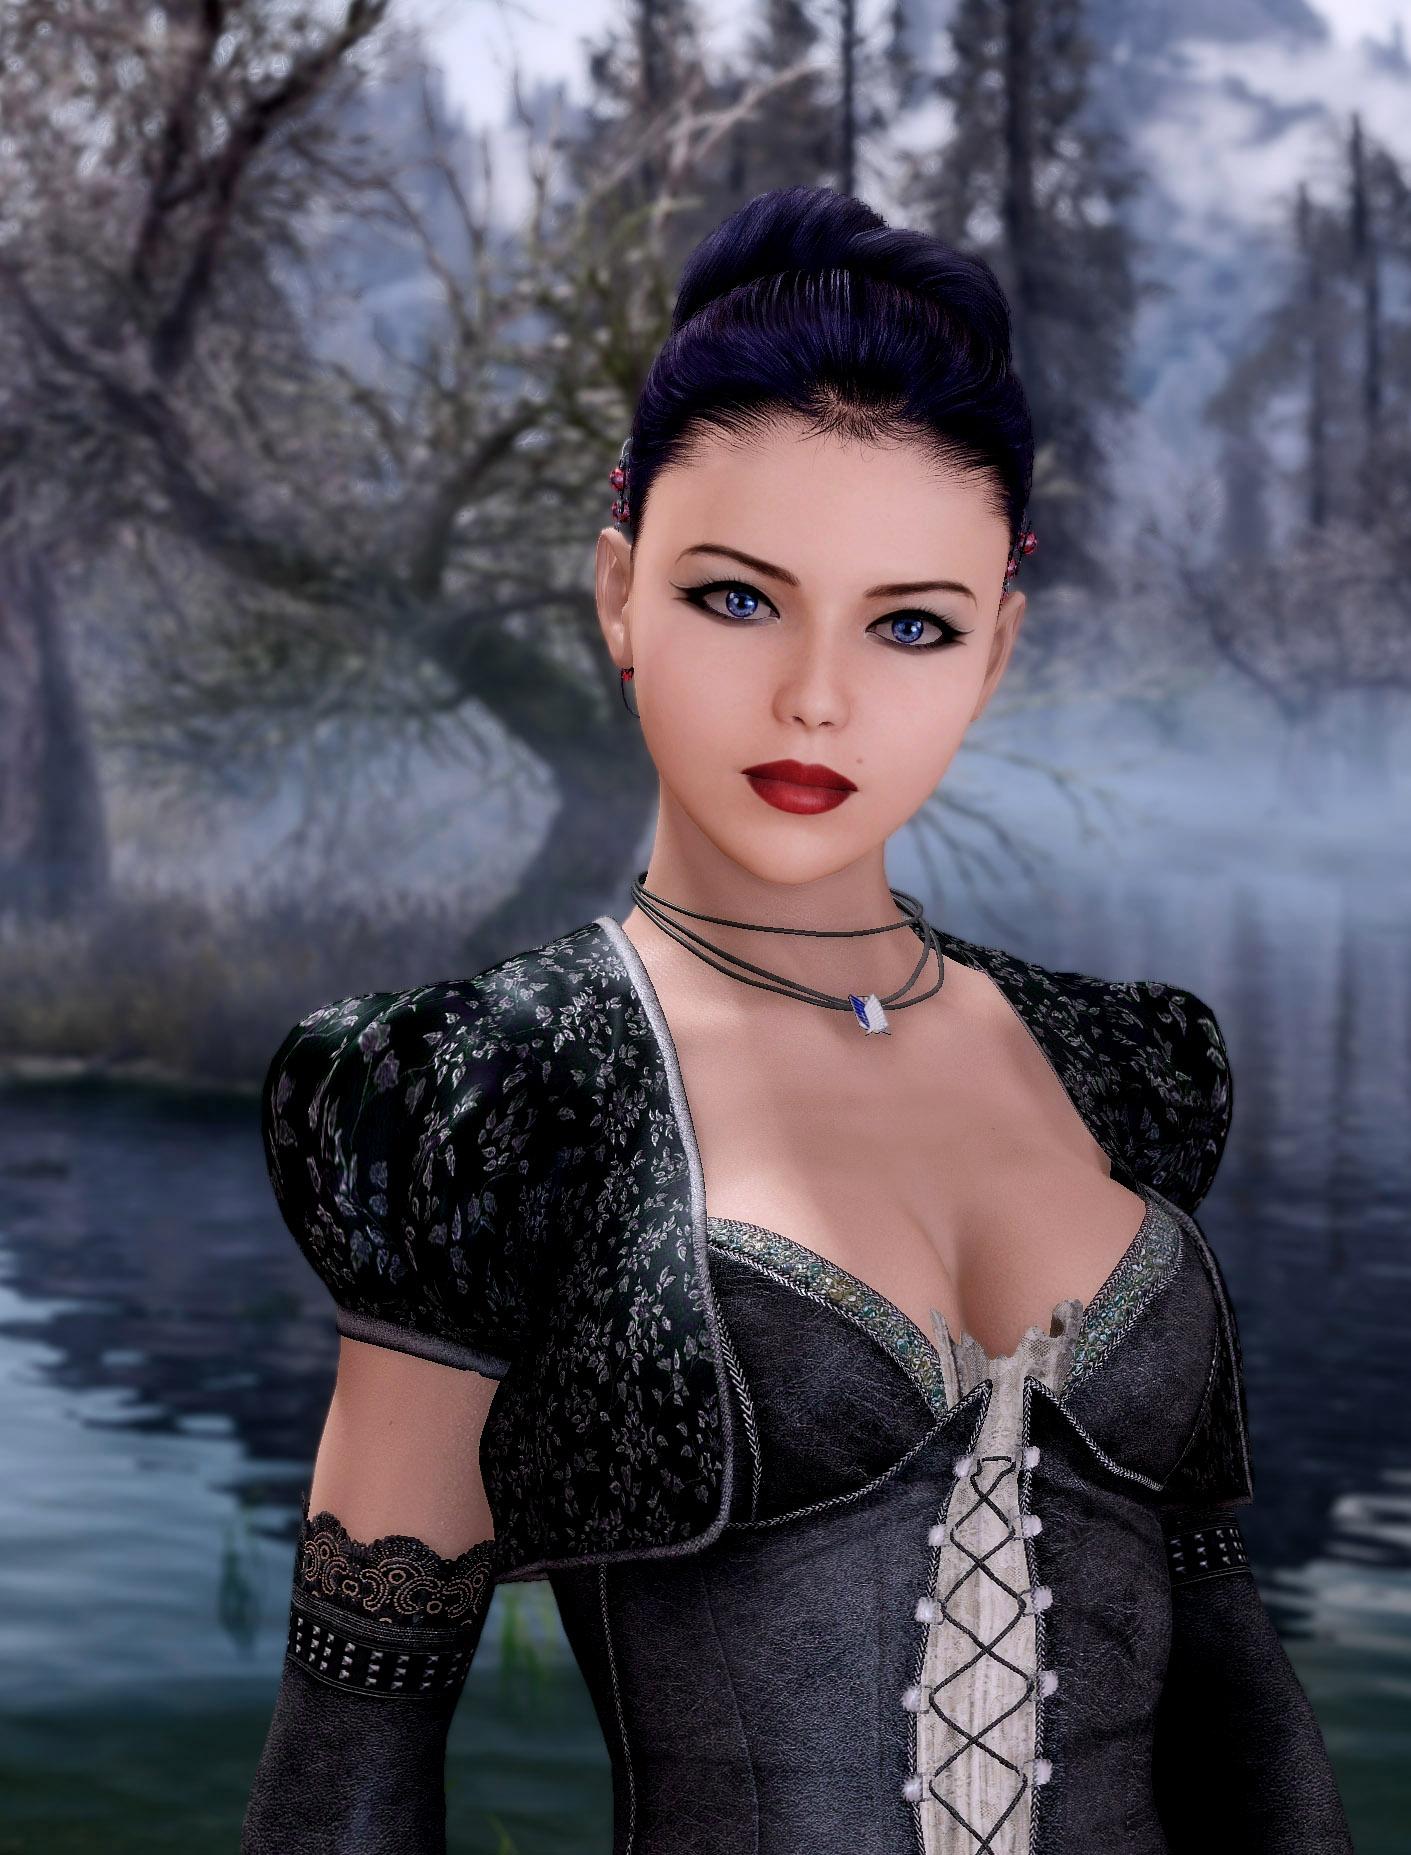 16957388598_3ba48409ef_o.jpg - Elder Scrolls 5: Skyrim, the